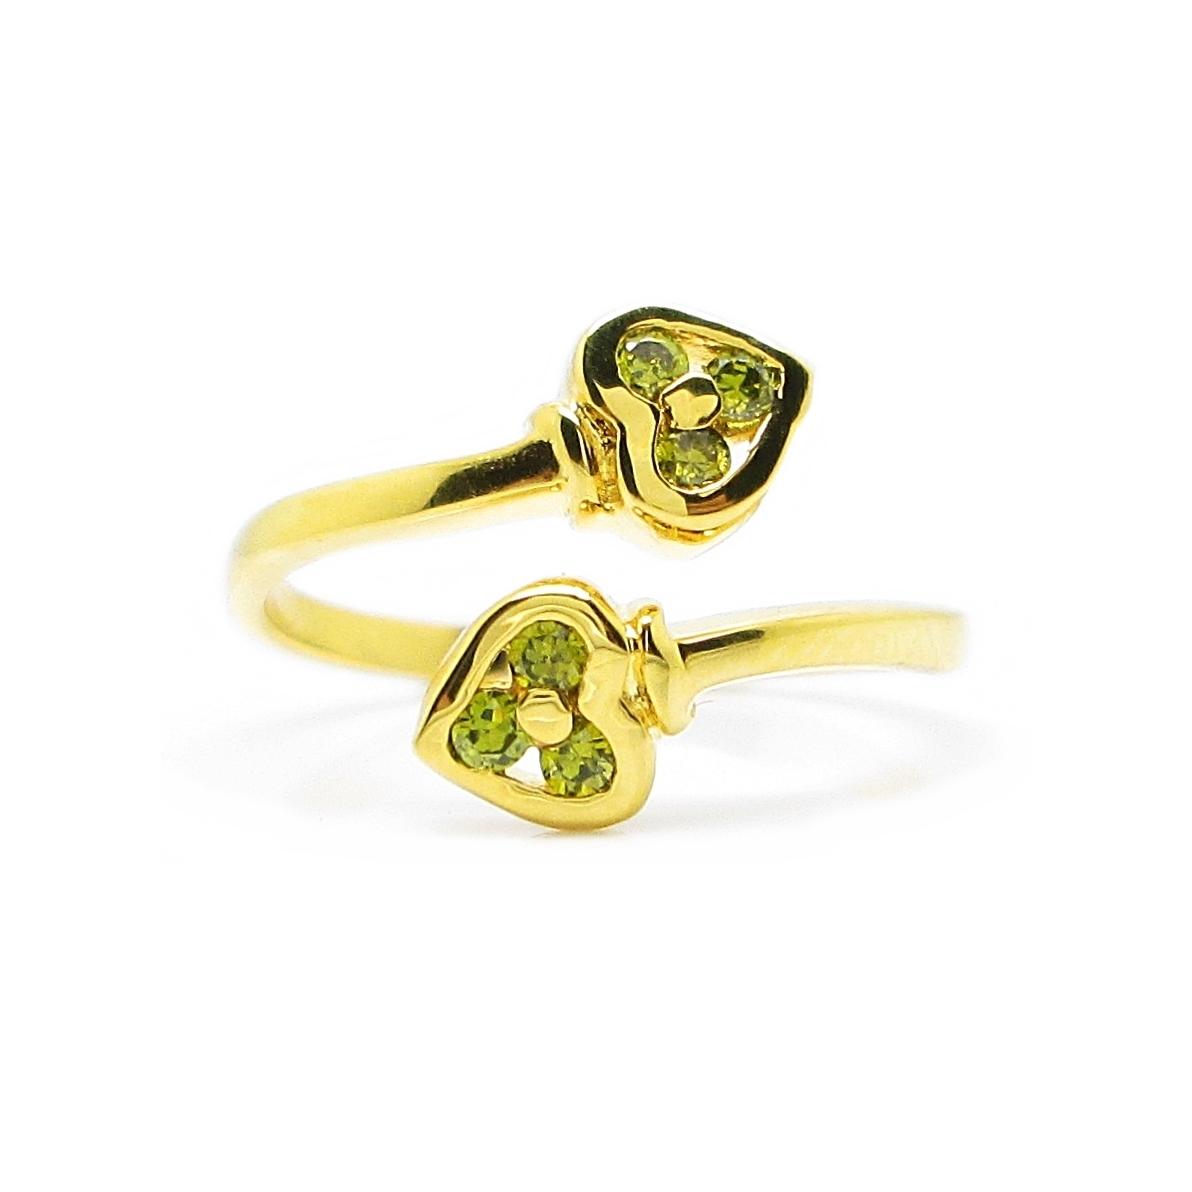 แหวนฟรีไซส์หัวใจประดับพลอยสีเขียวส่องชุบทอง